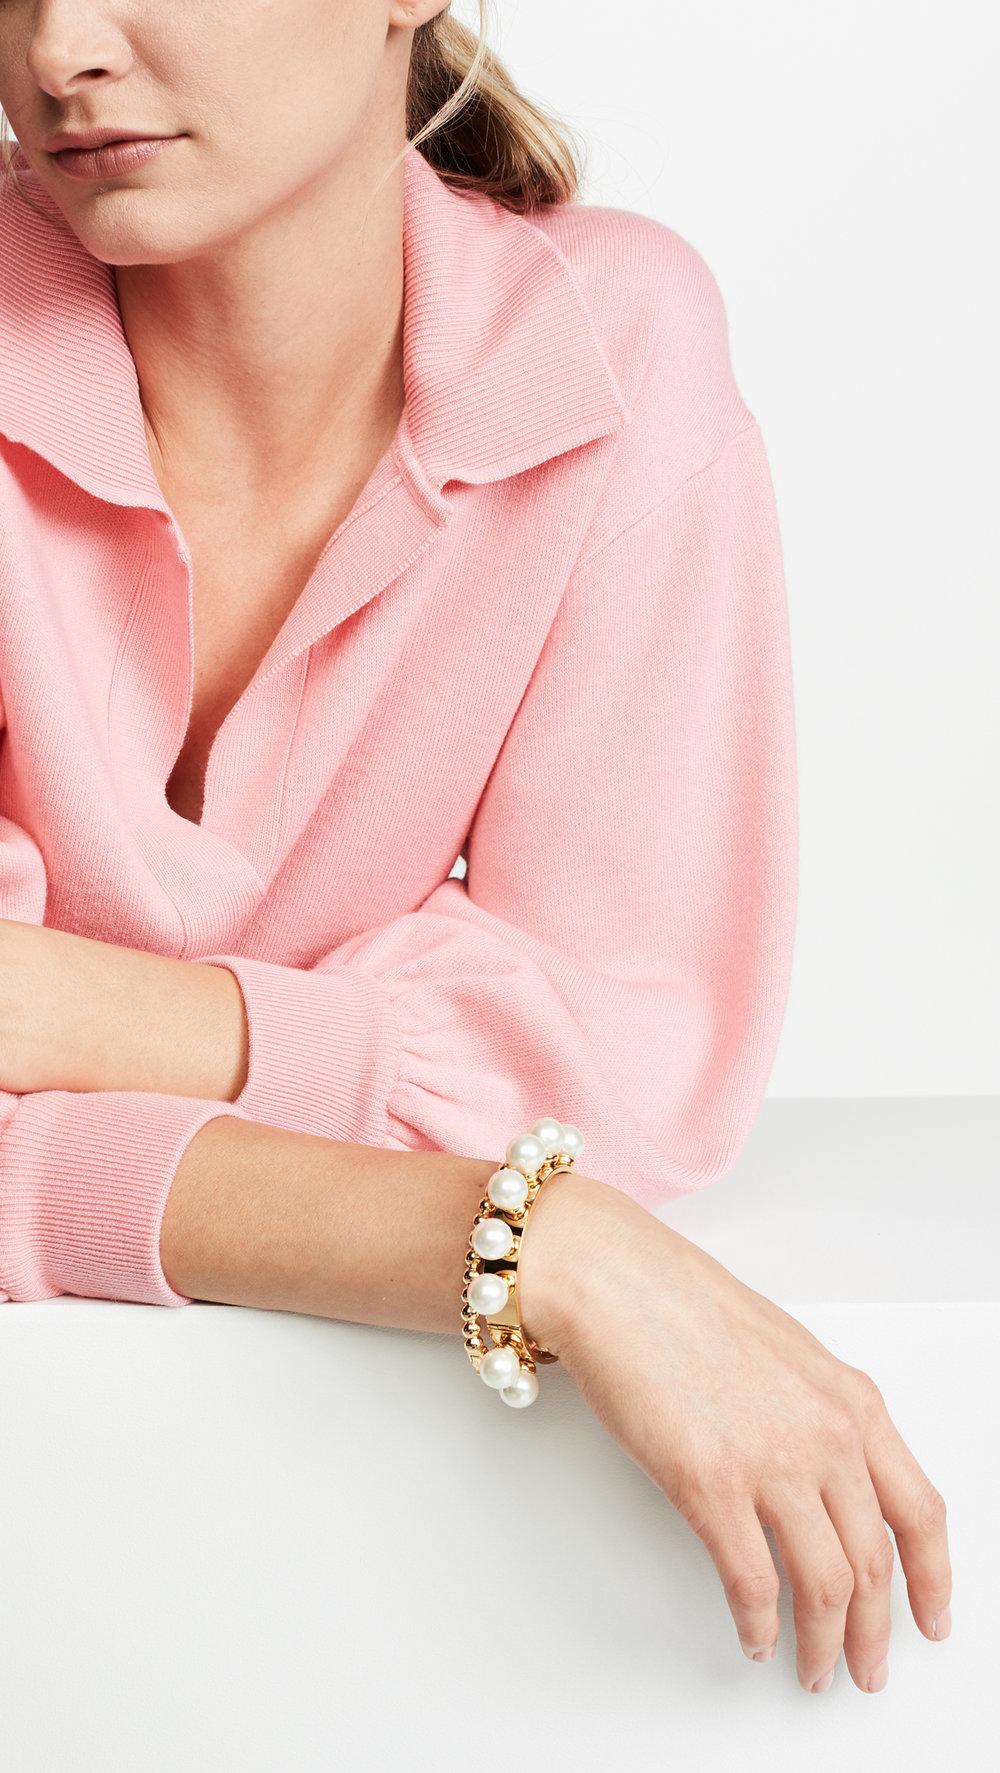 Lele SadoughiStone Keepsake Bracelet - Was: $285.00Now: $199.50